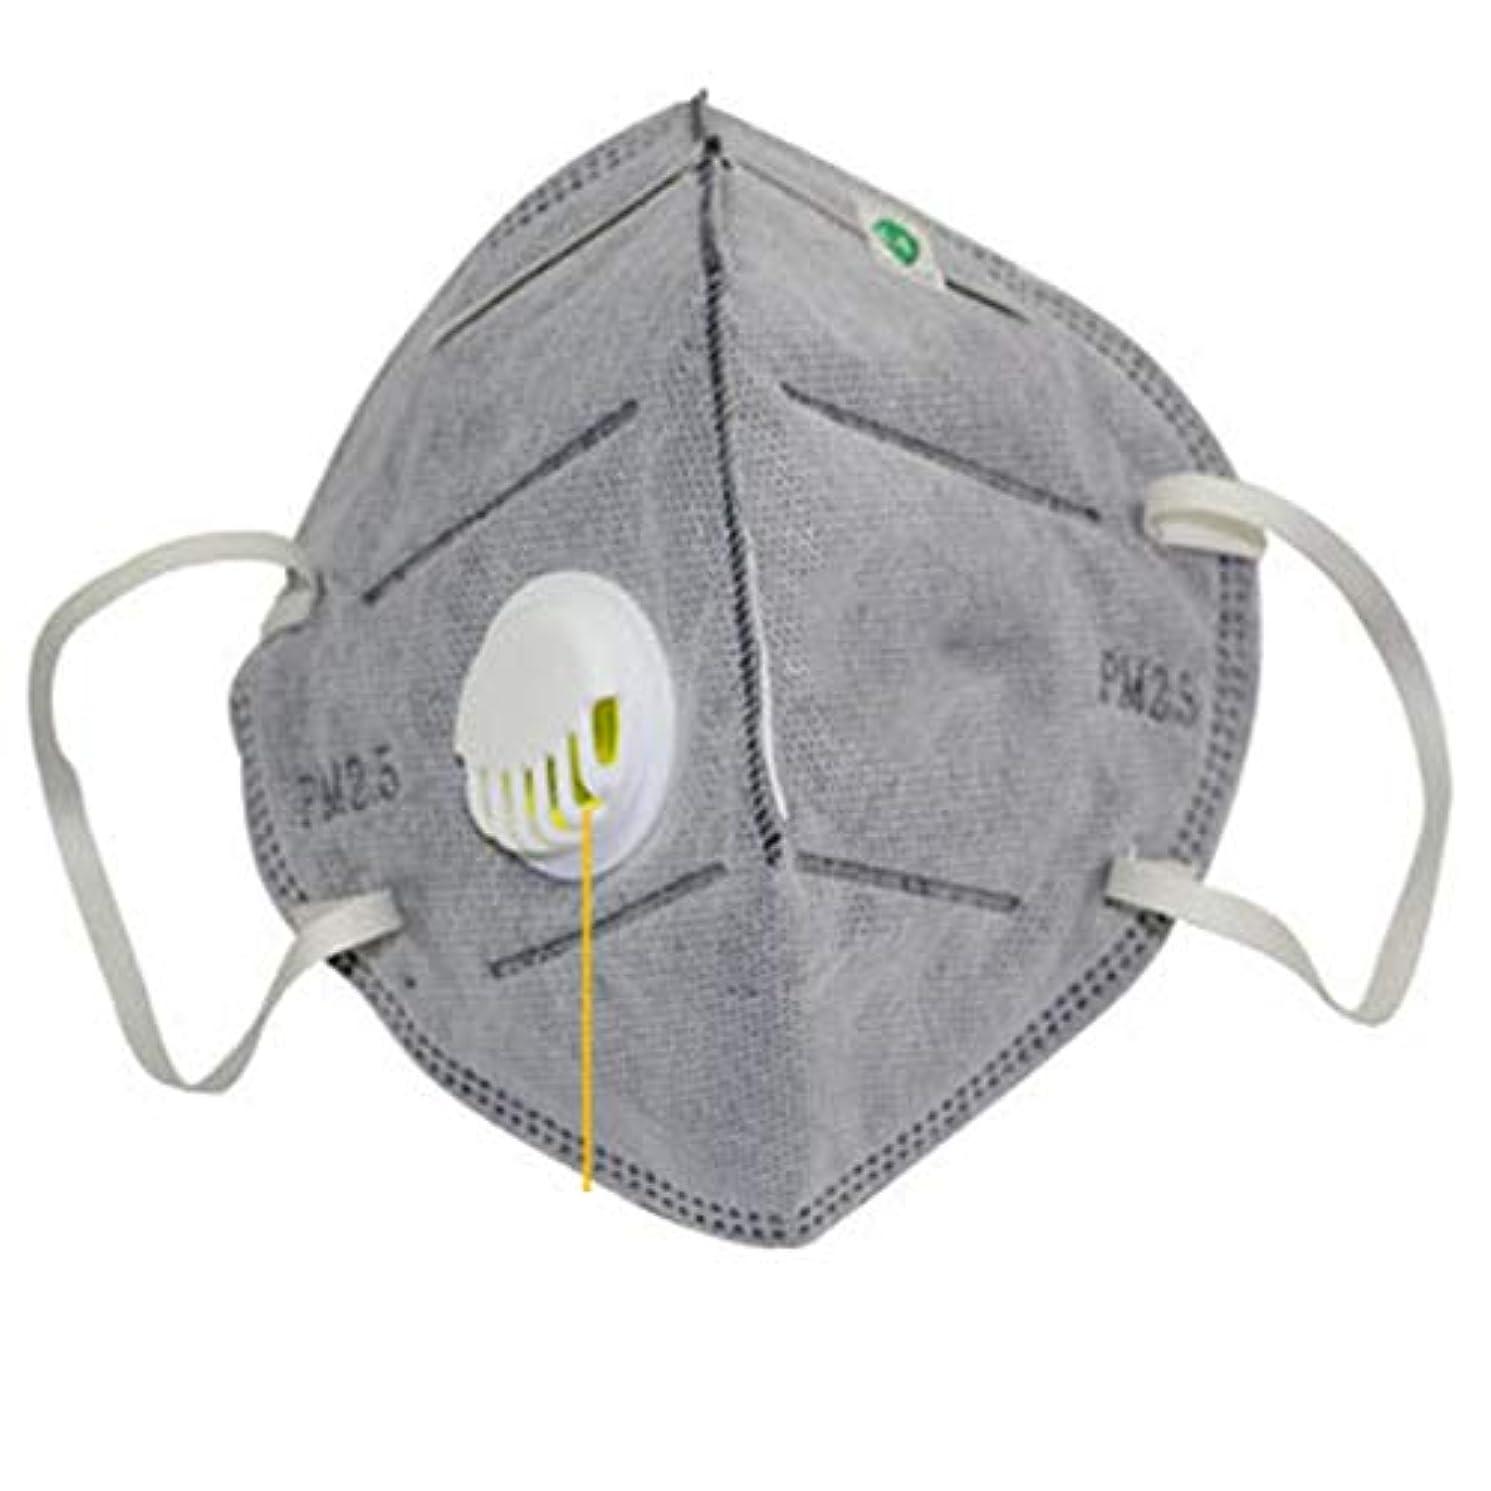 コンベンションインキュバスほこり男性と女性の健康と美容のパーソナルケア製品用の活性炭PM2.5防曇とヘイズ保護マスク (Panda) (色:白)